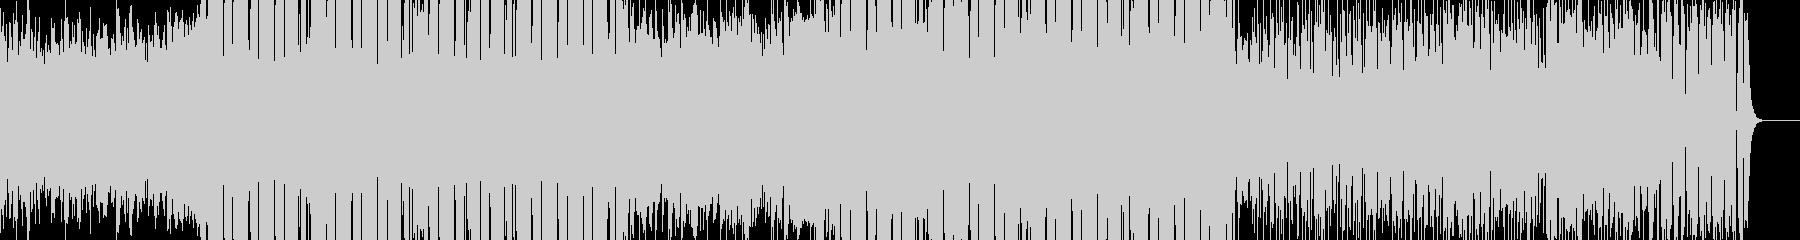 サイバーパンクなアンビエントビートの未再生の波形